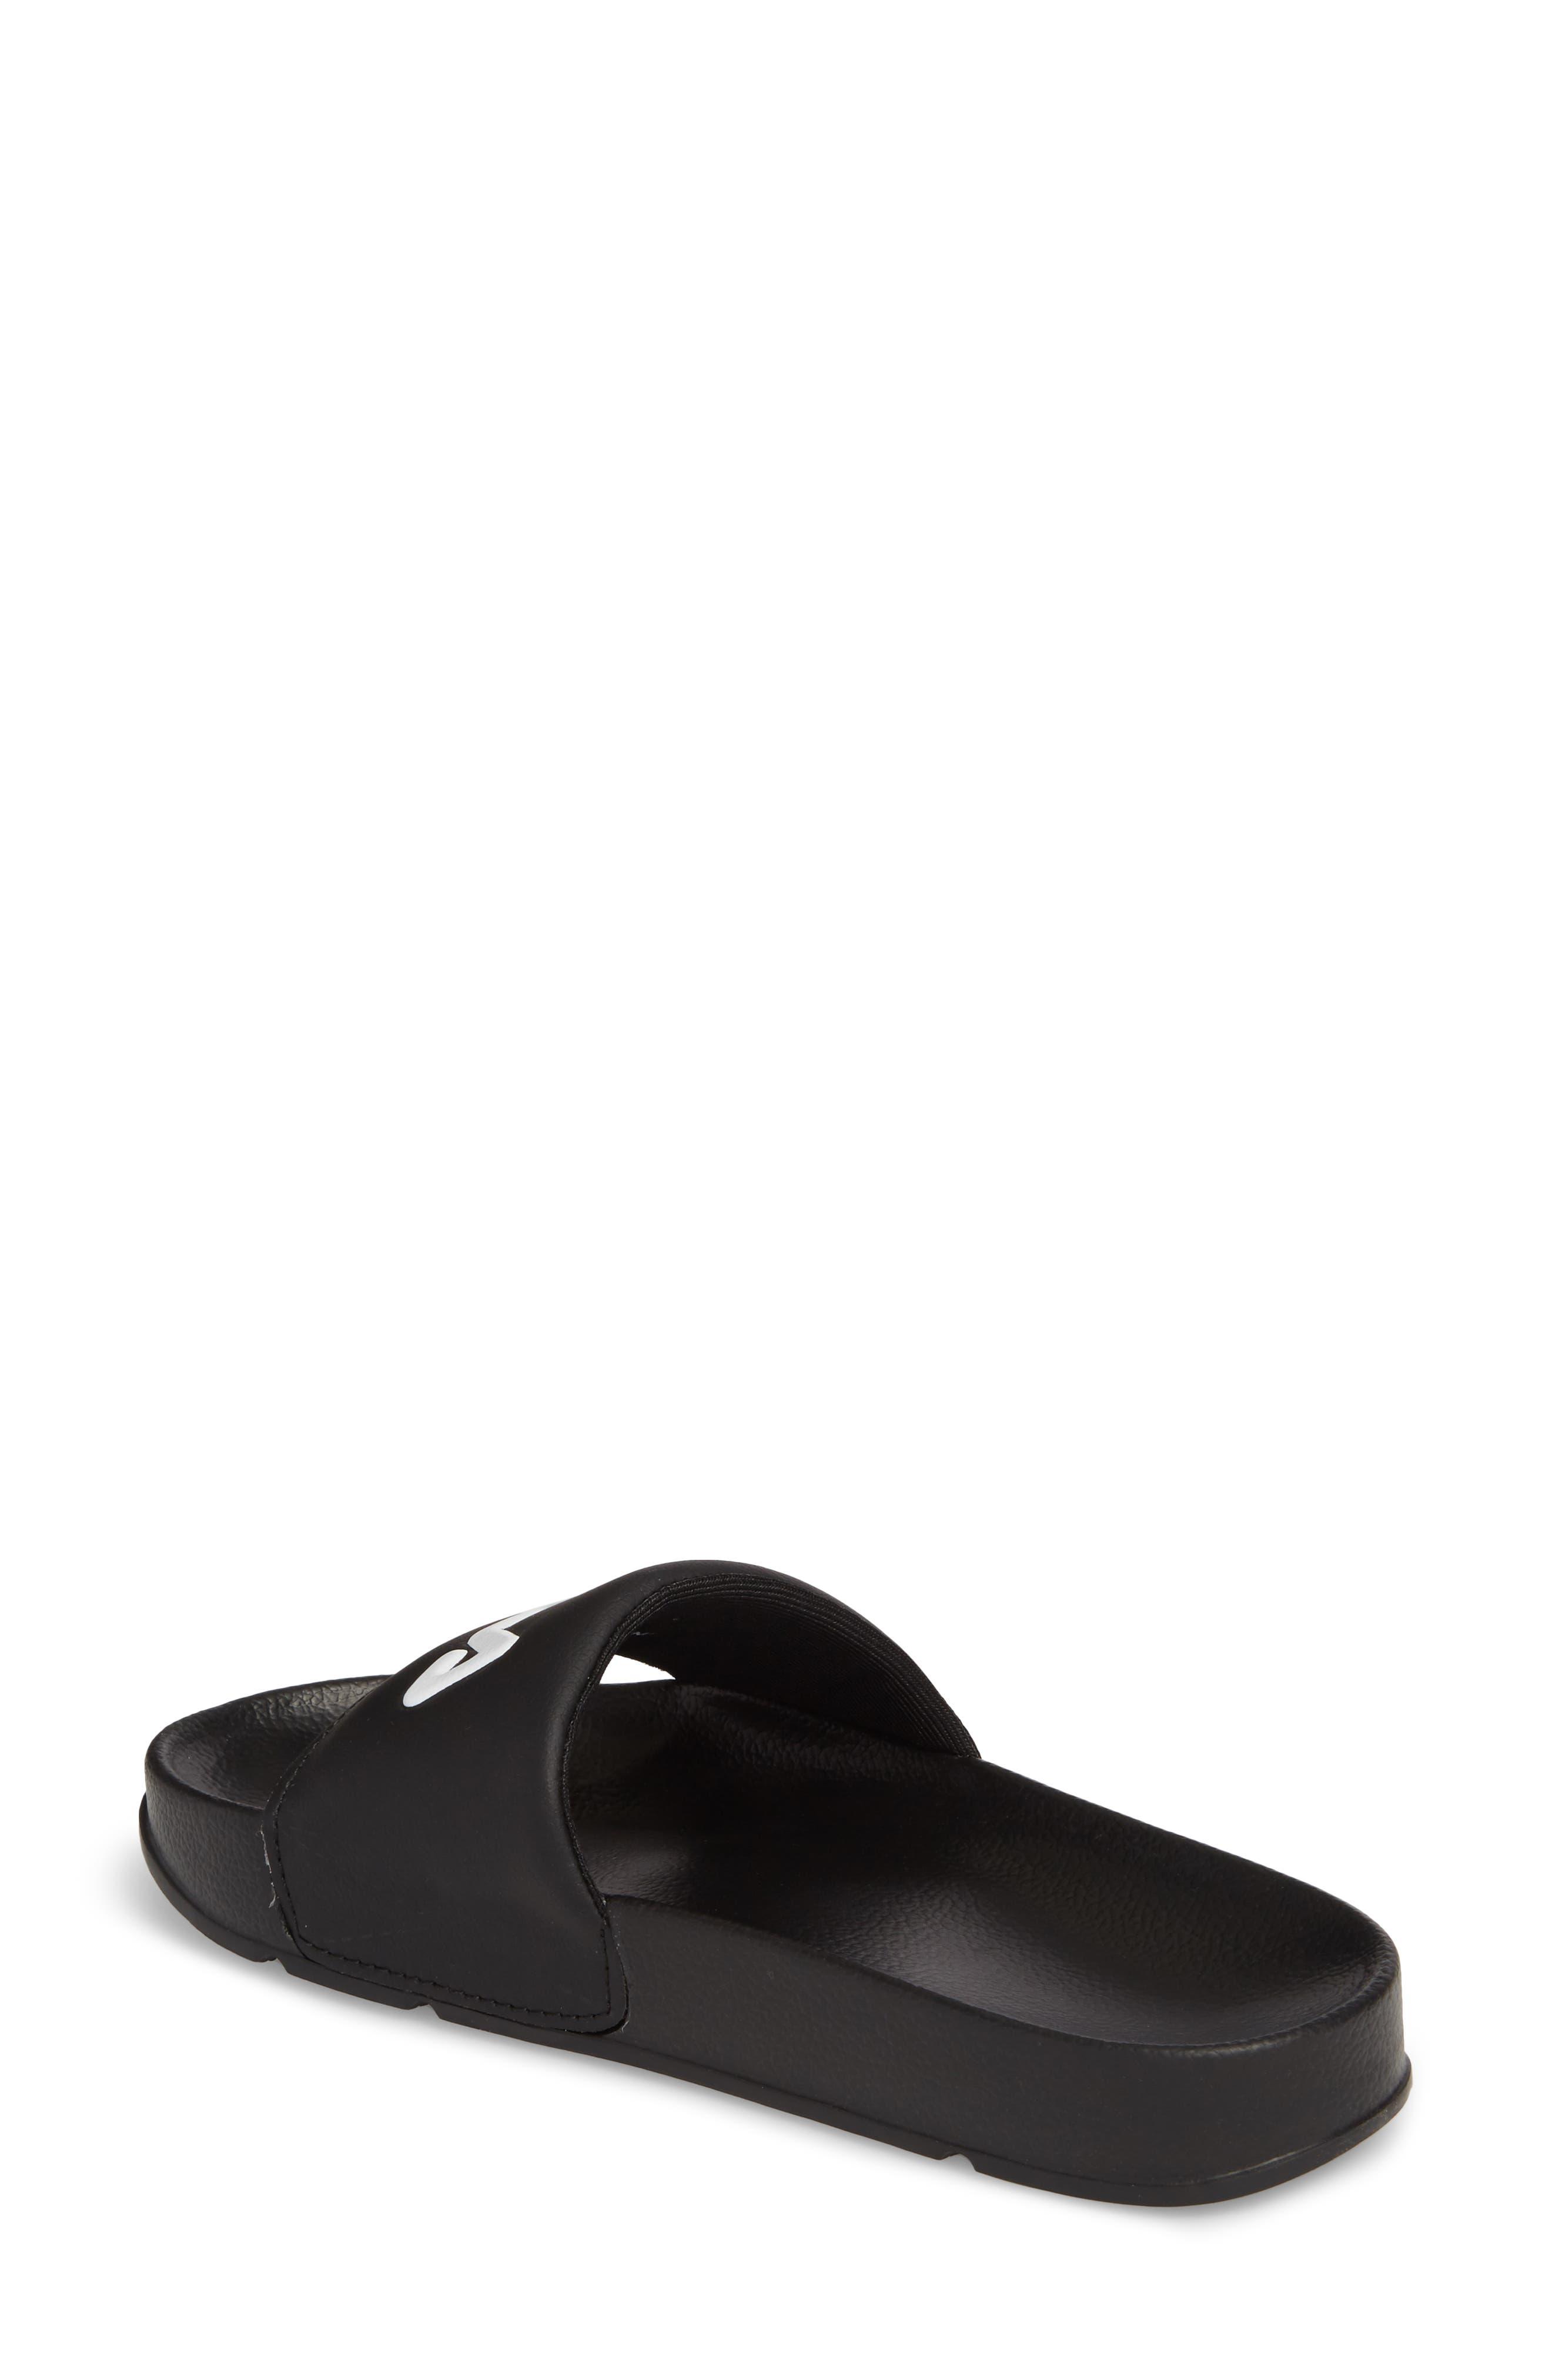 Drifter Slide Sandal,                             Alternate thumbnail 2, color,                             Black/ Red/ White